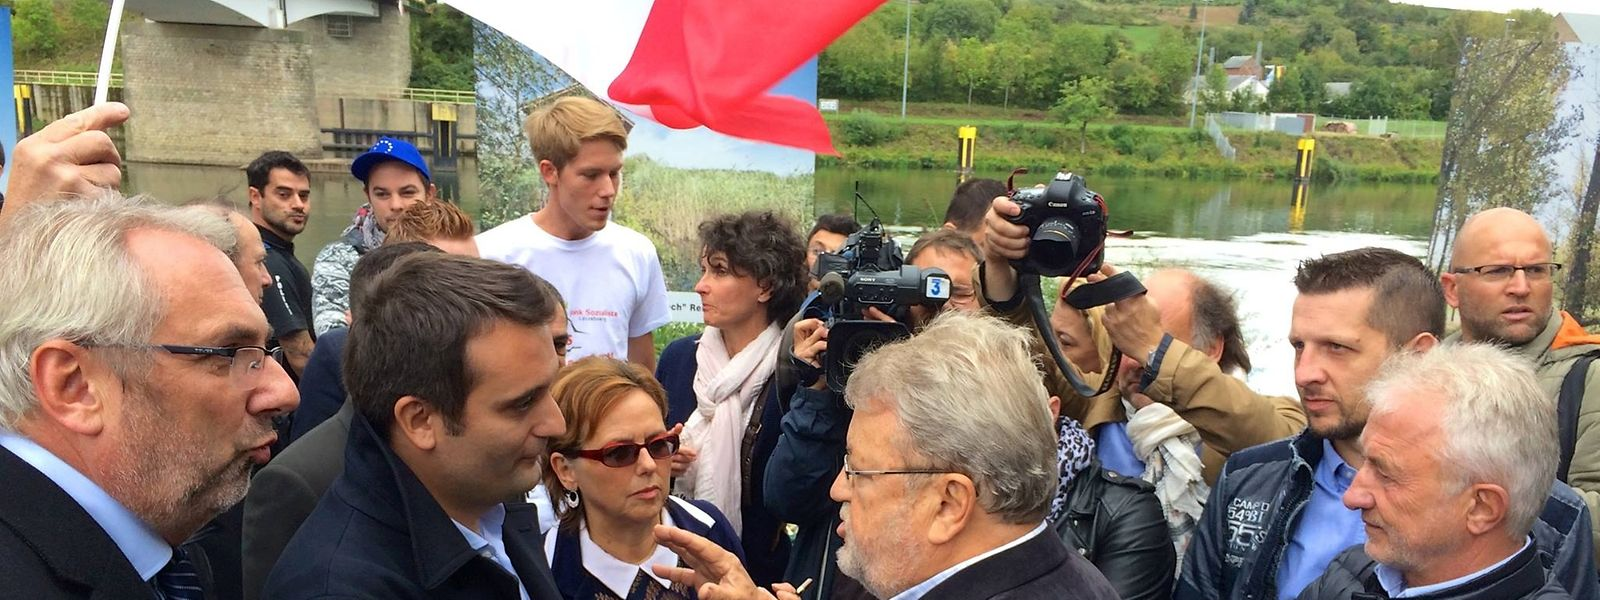 Robert Goebbels beim Wortfgefecht mit Philippot (links).